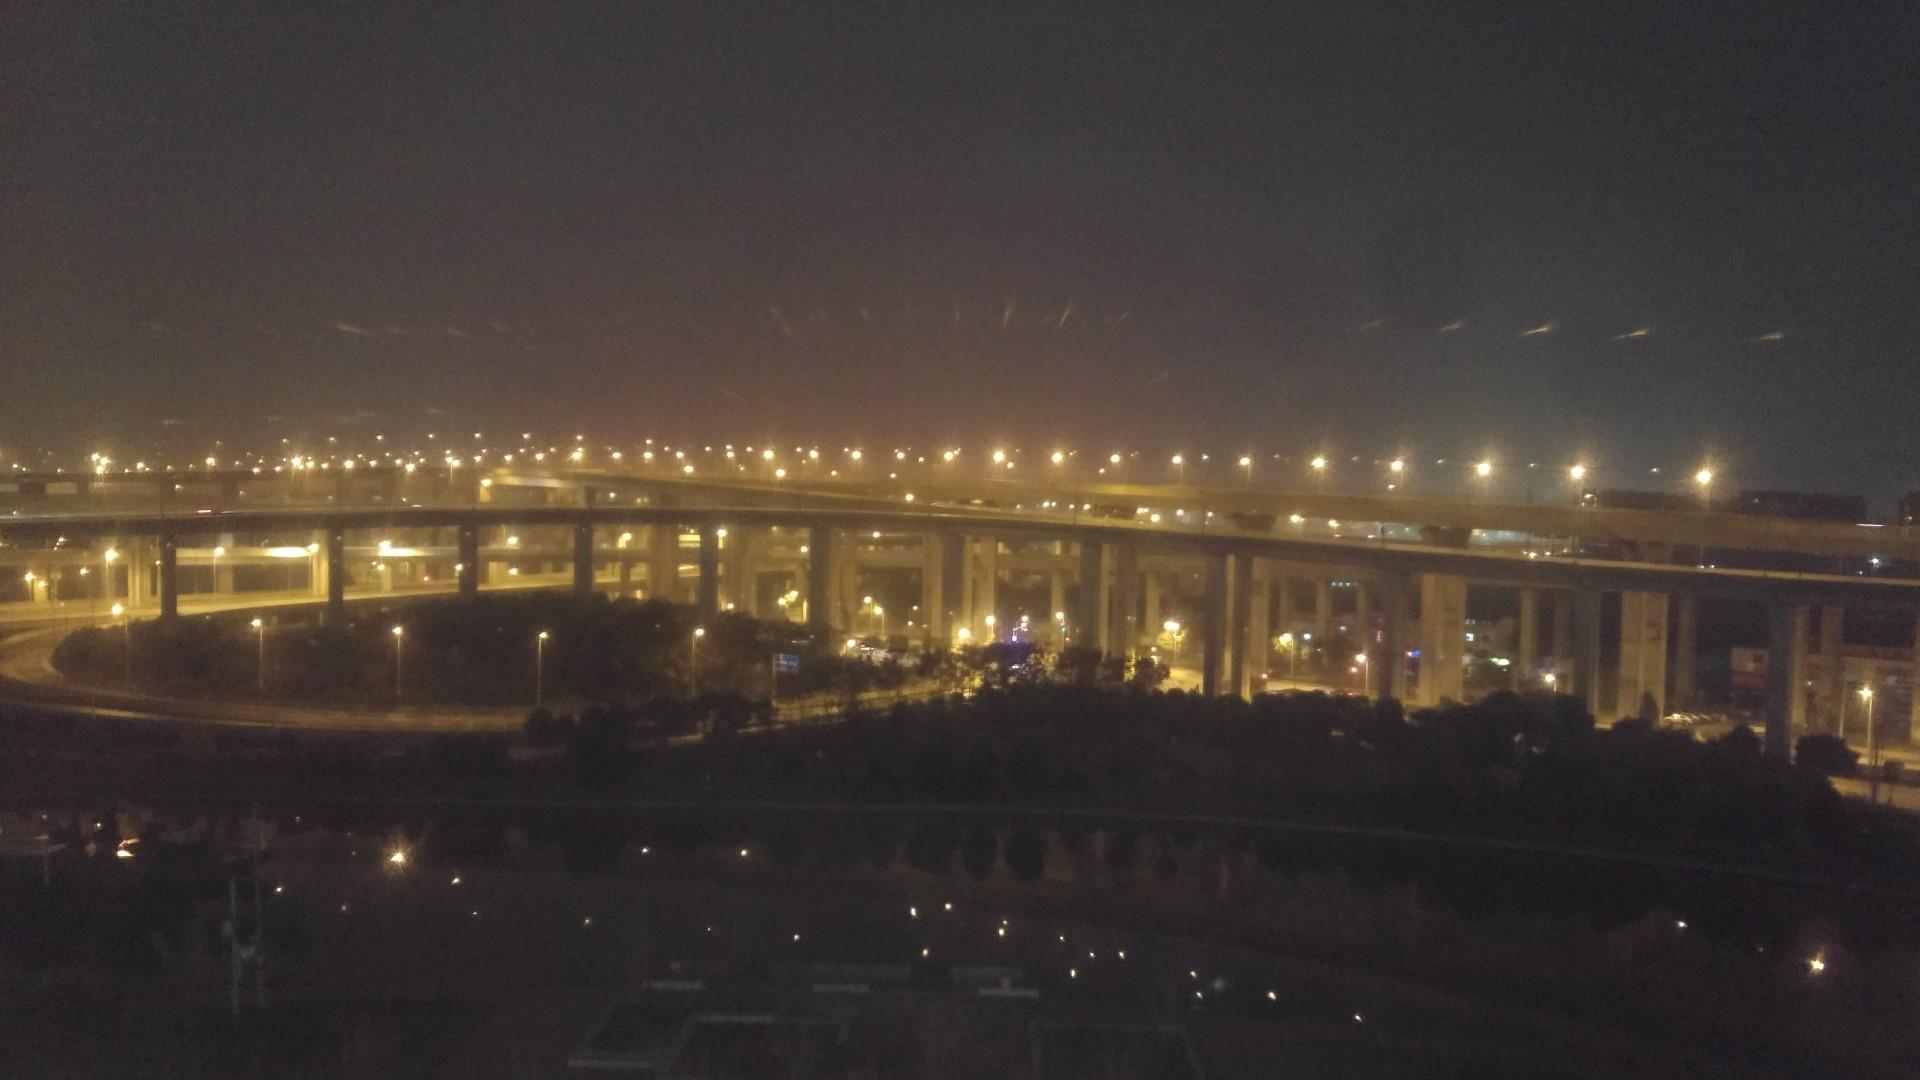 Ausblick aus dem Hotel: Ein Autobahnkreuz